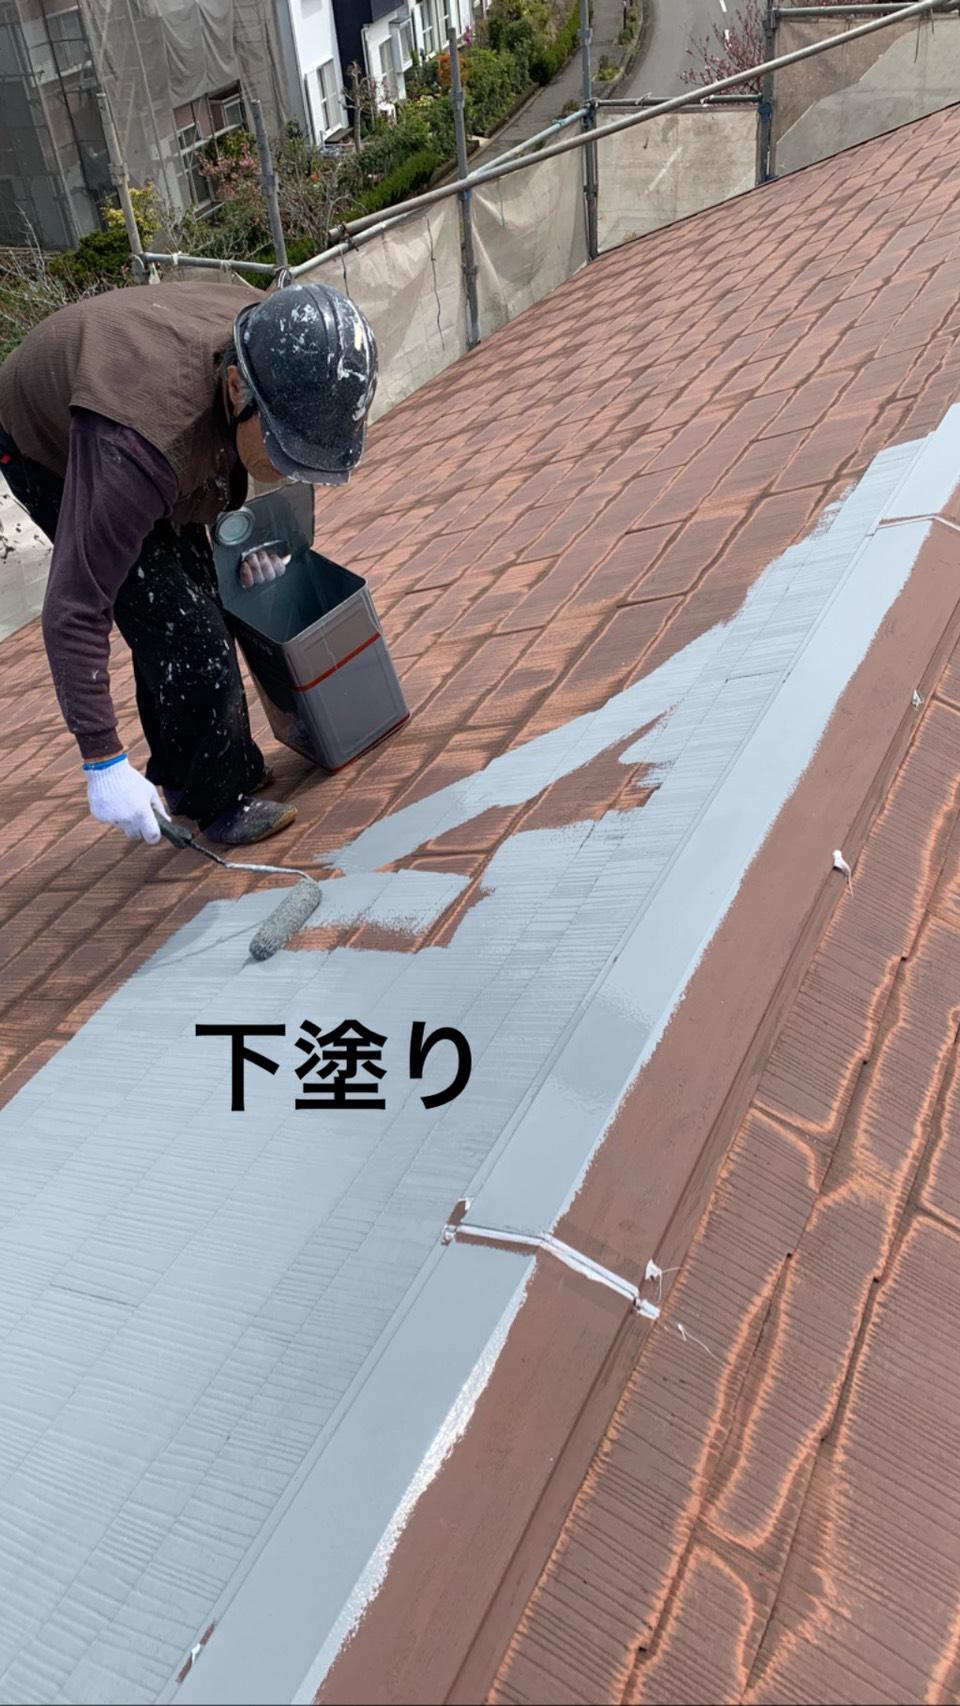 茂原市A様邸屋根外壁塗装工事